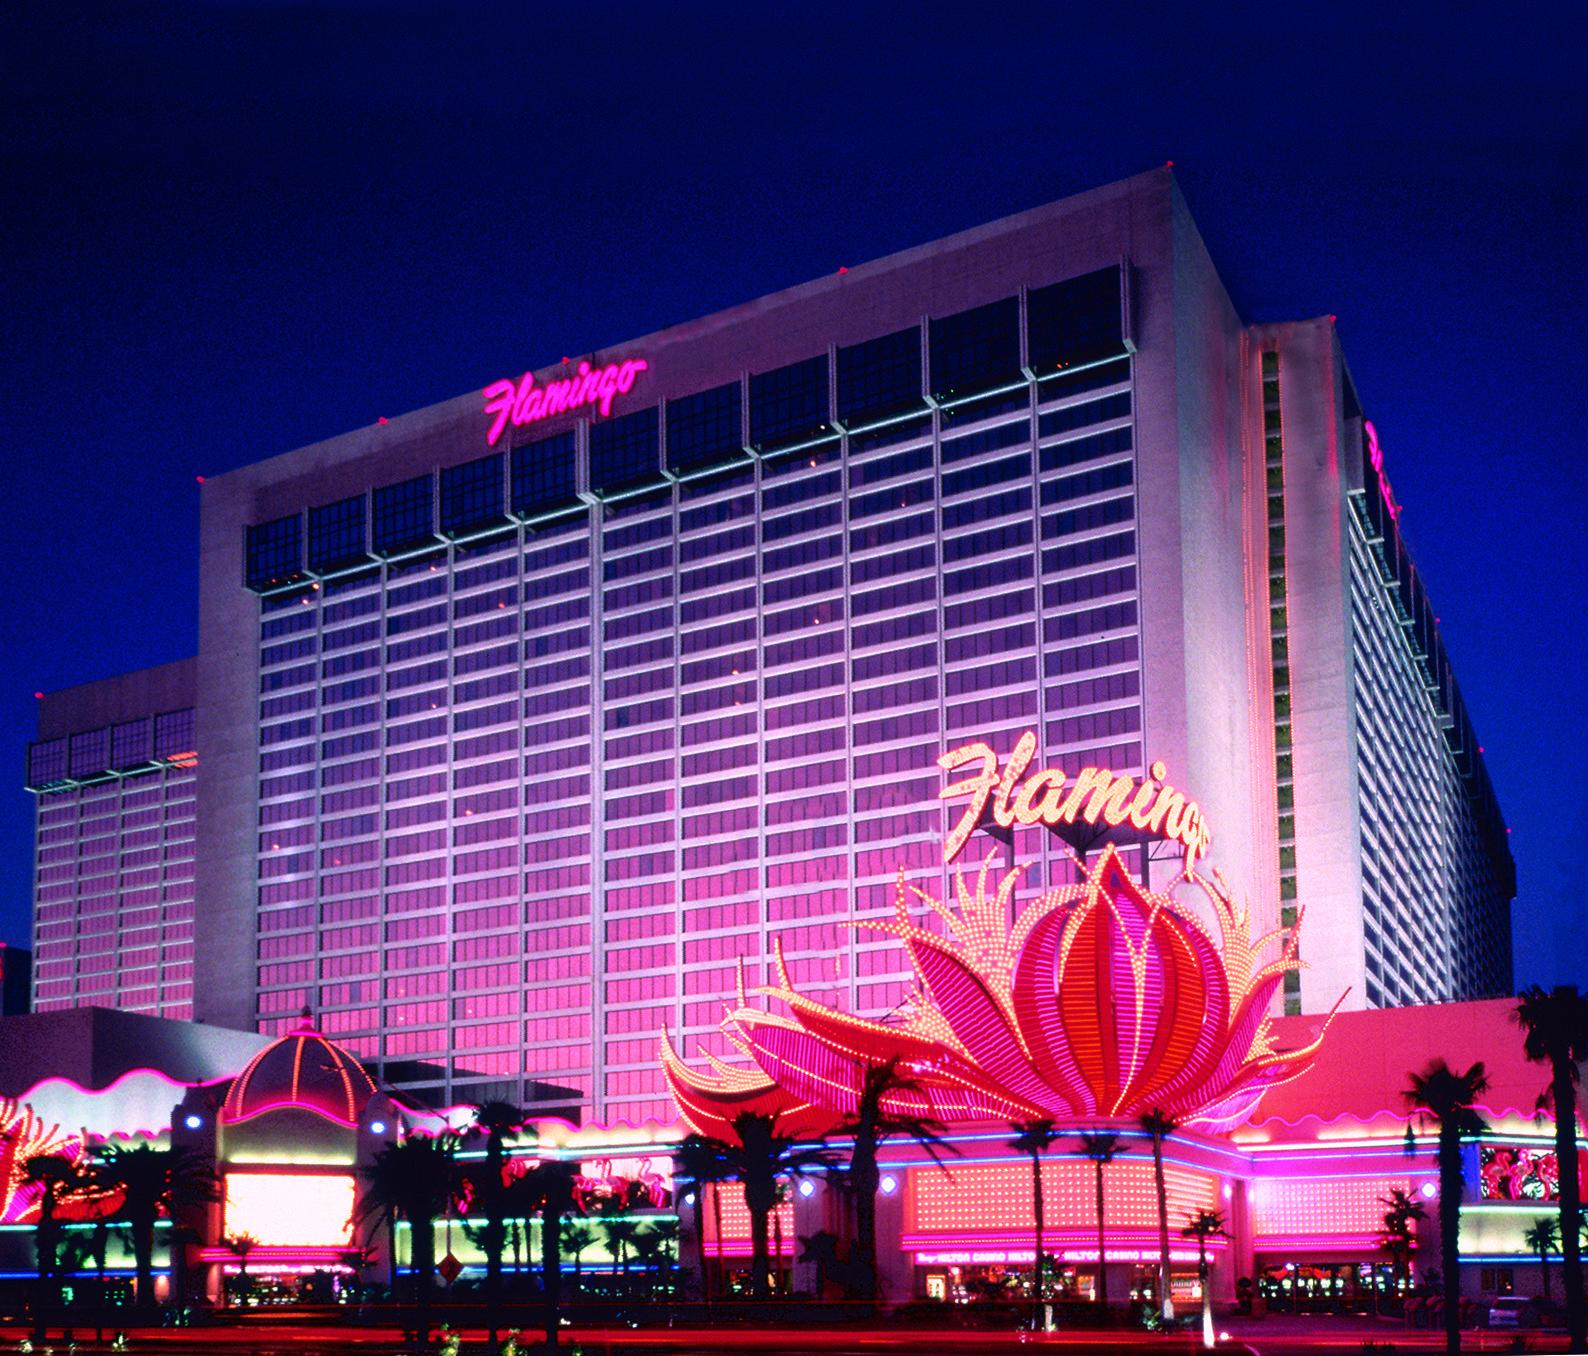 Flamingo Las Vegas Wedding Venues: Flamingo Hotel Las Vegas, Flamingo Las